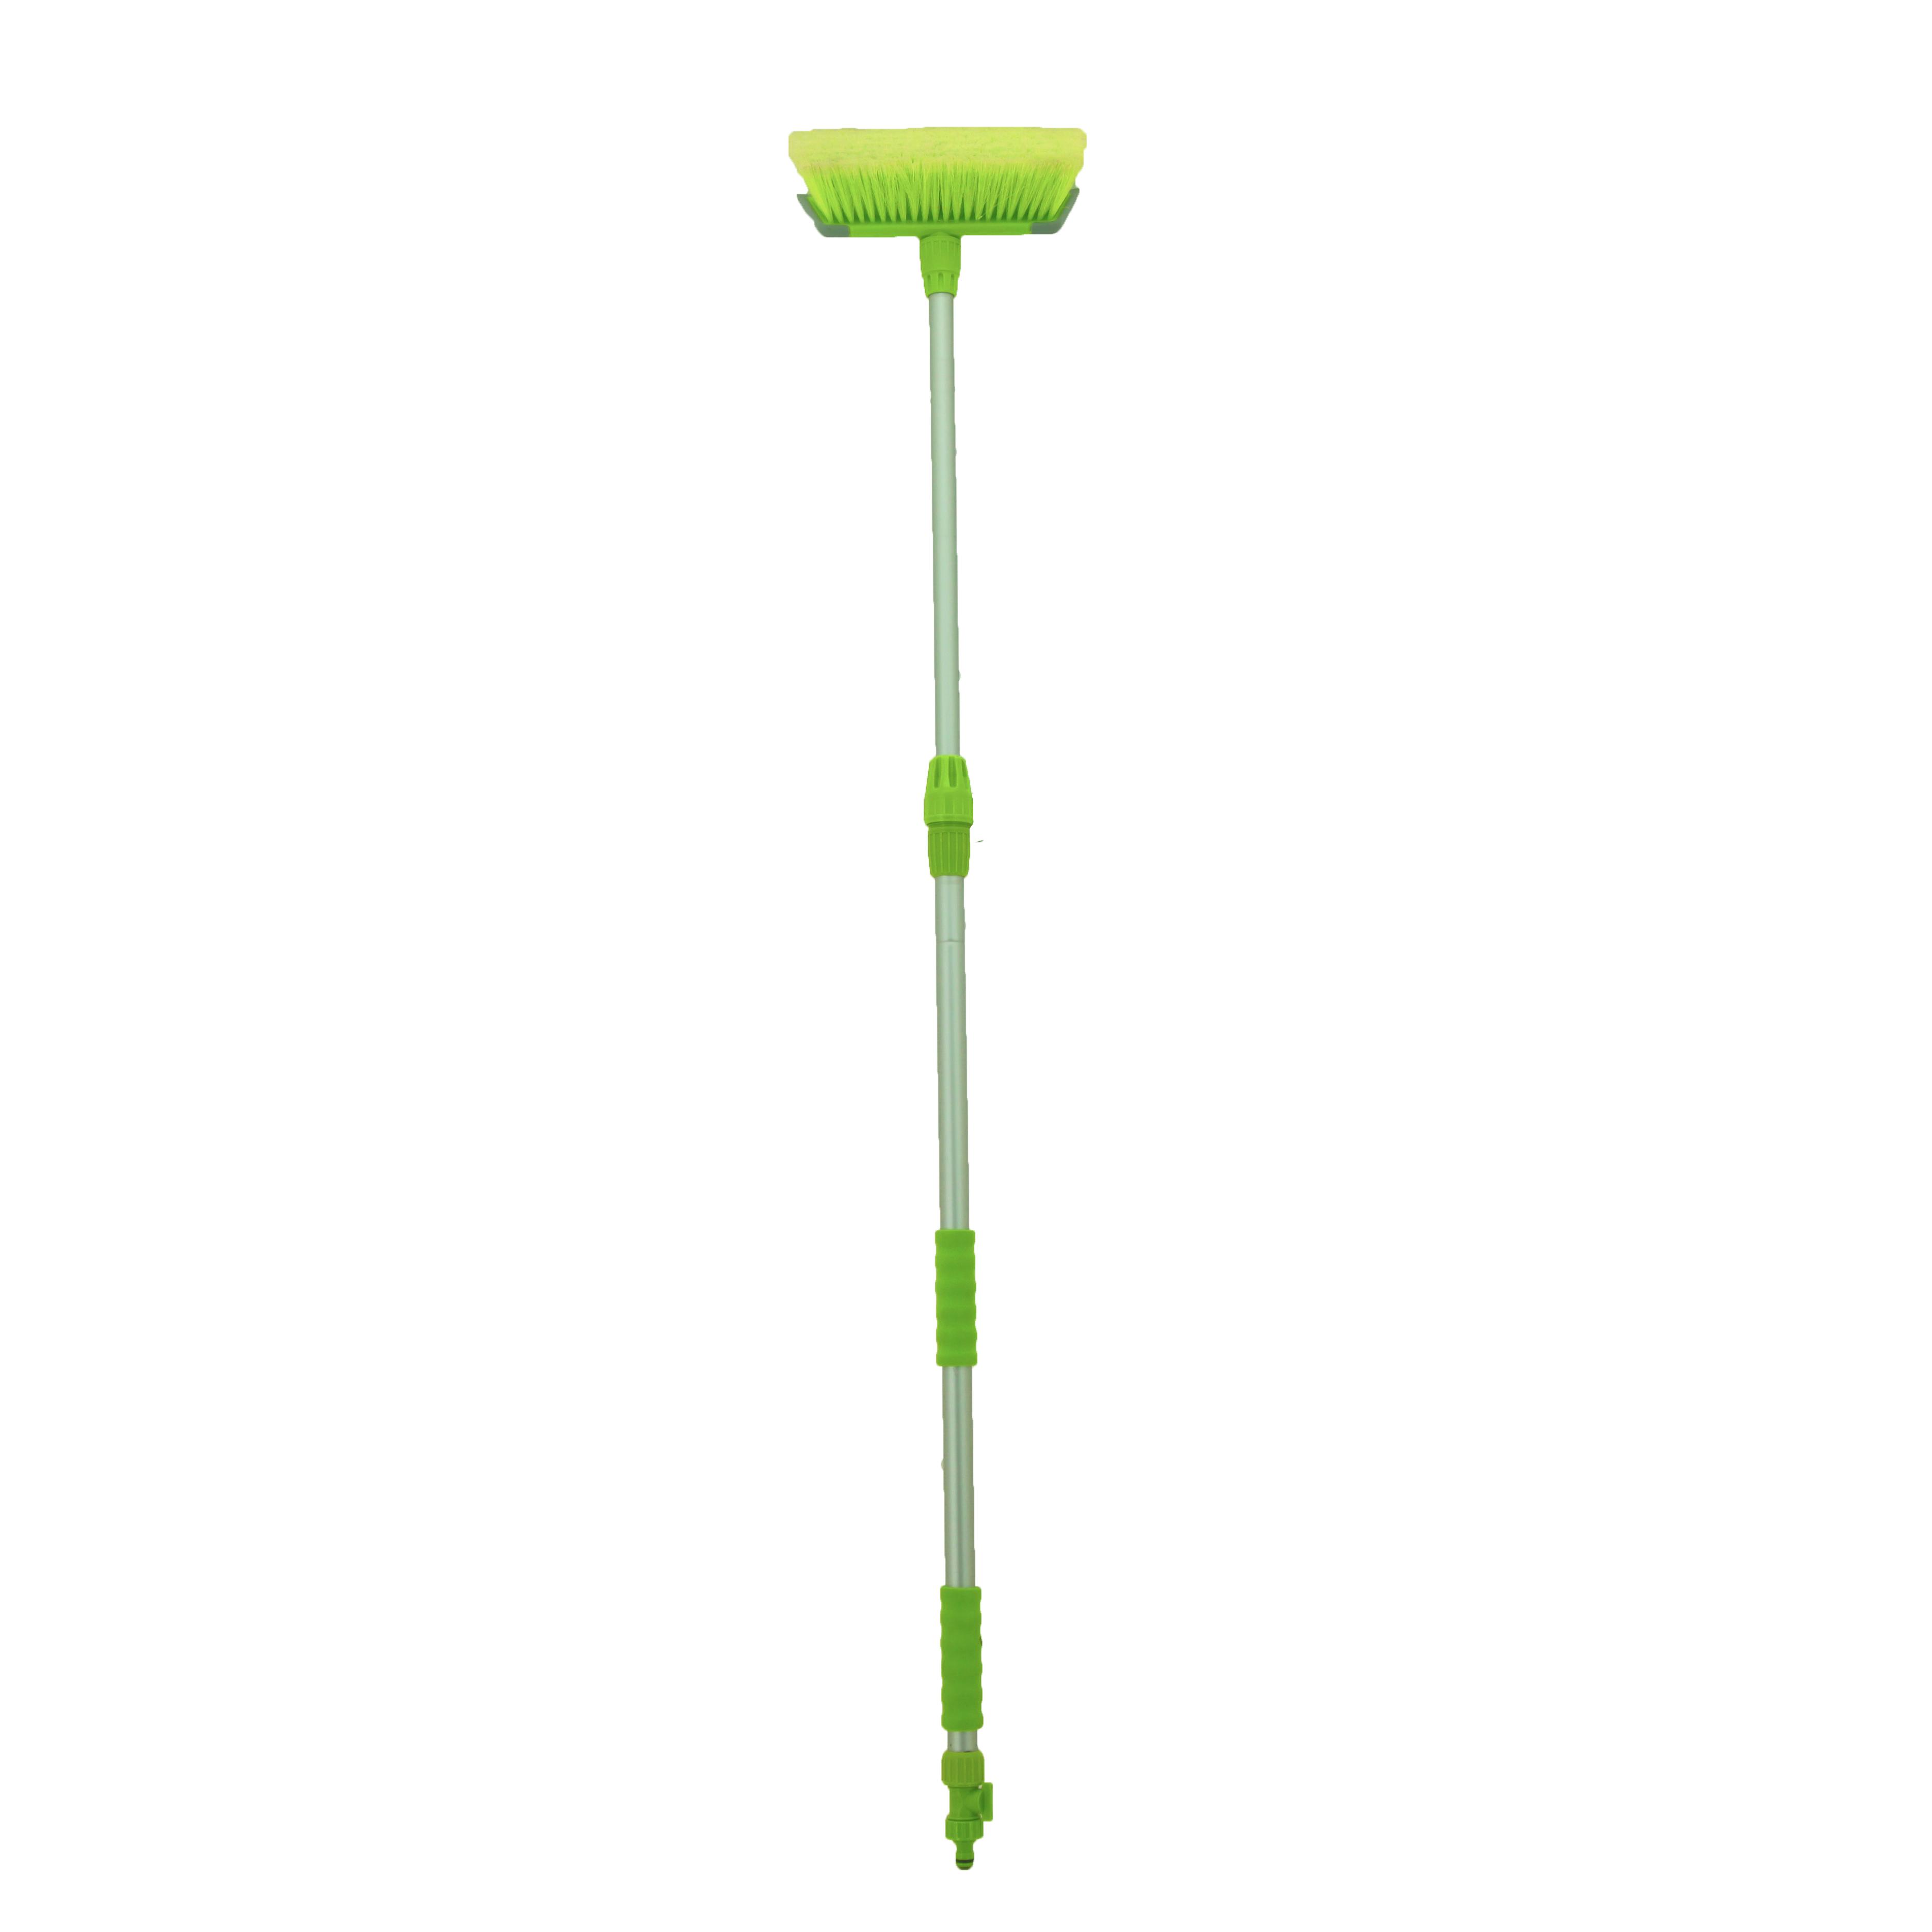 Телескопическая алюминиевая ручка, резиновый переключатель потока воды, щетка для мытья автомобиля, щетка для мытья колес из микрофибры #